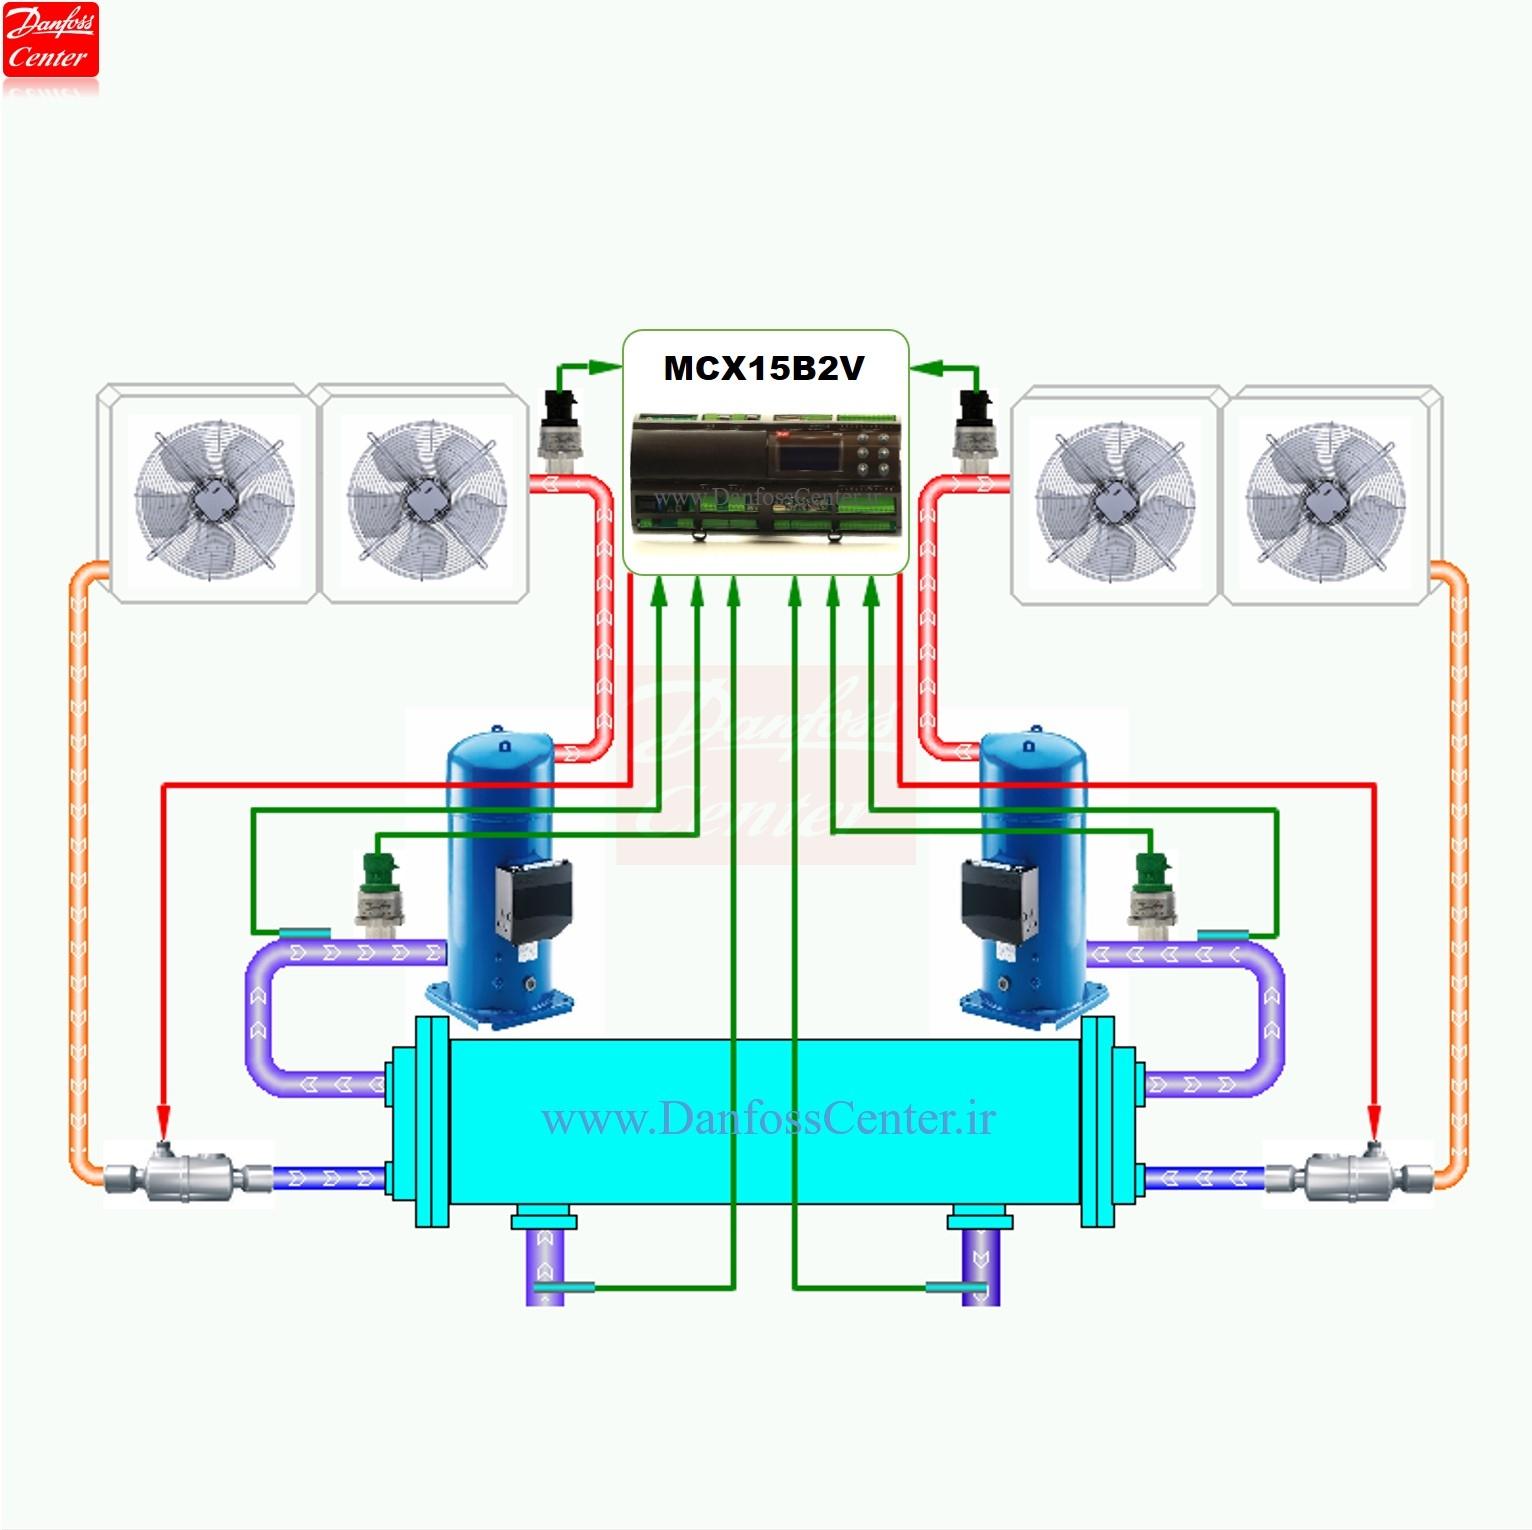 ست کامل کنترلر و شیر انبساط الکترونیک دانفوس برای چیلر دو مداره تا ظرفیت ۹۰ تن تبرید